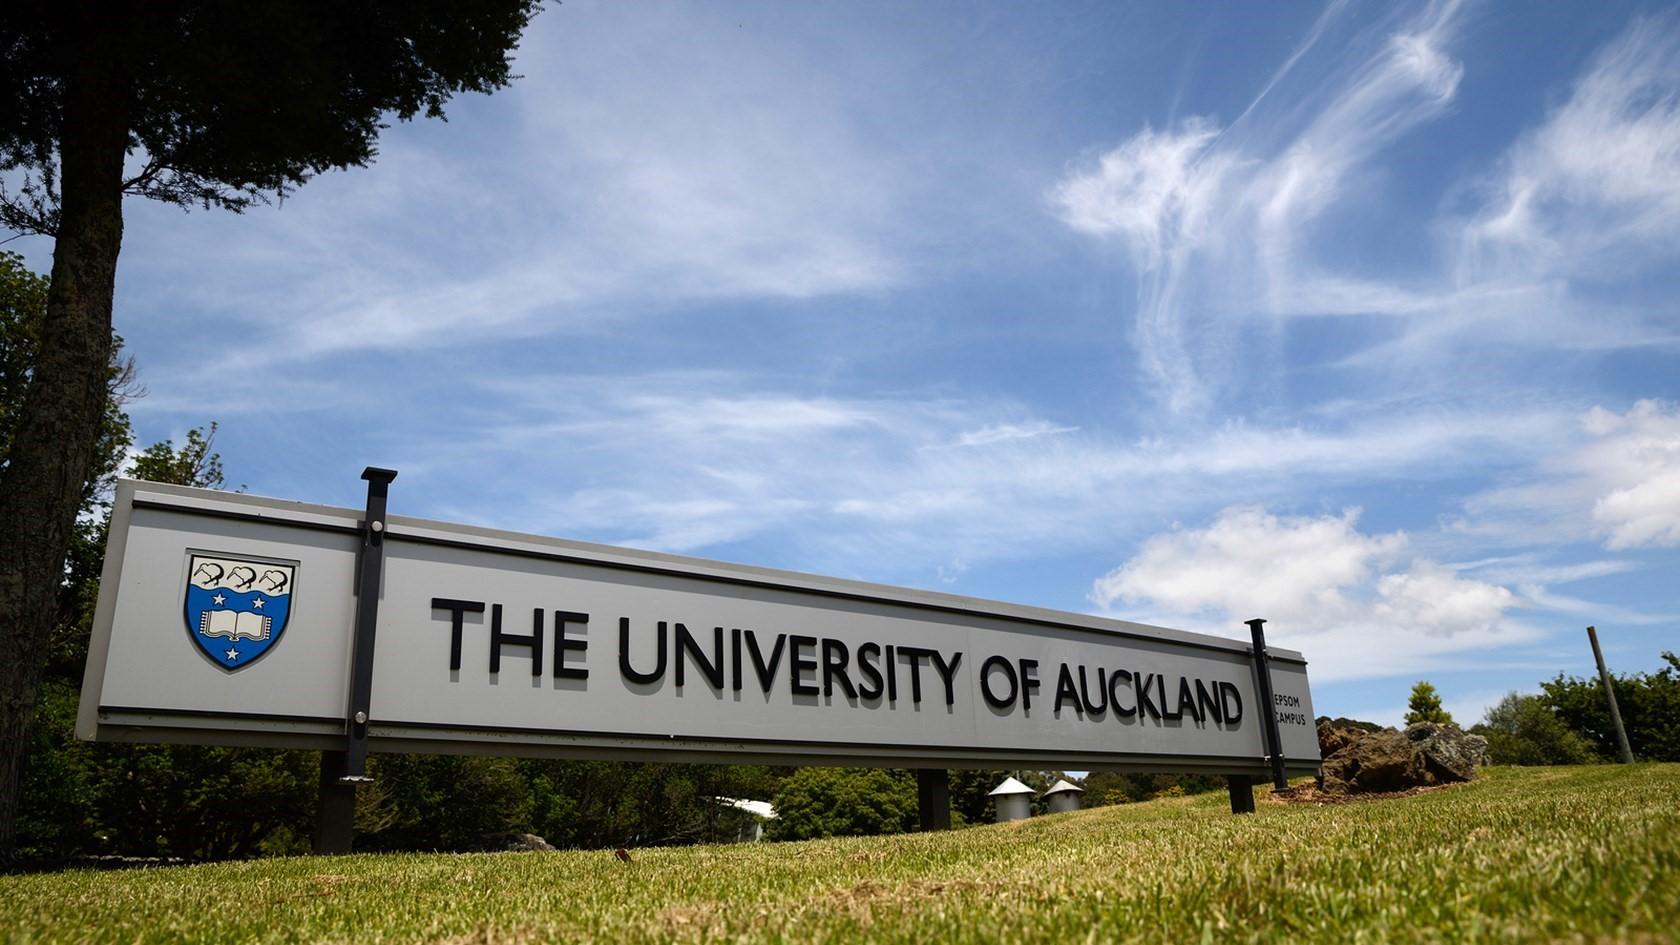 Đầu vào dễ dàng tại Đại học Auckland – ĐH lớn nhất NZ